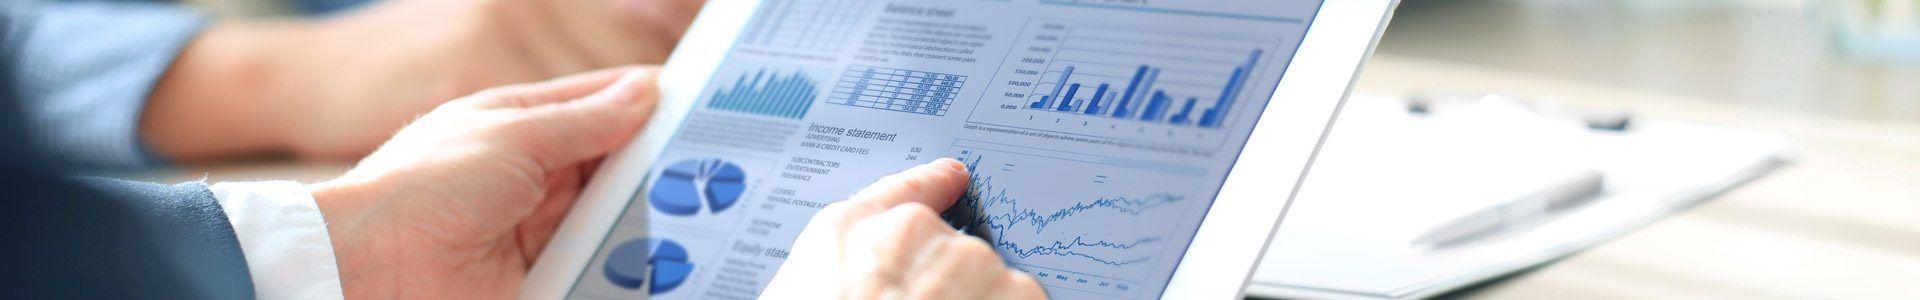 Conversie optimalisatie op basis van web statistieken